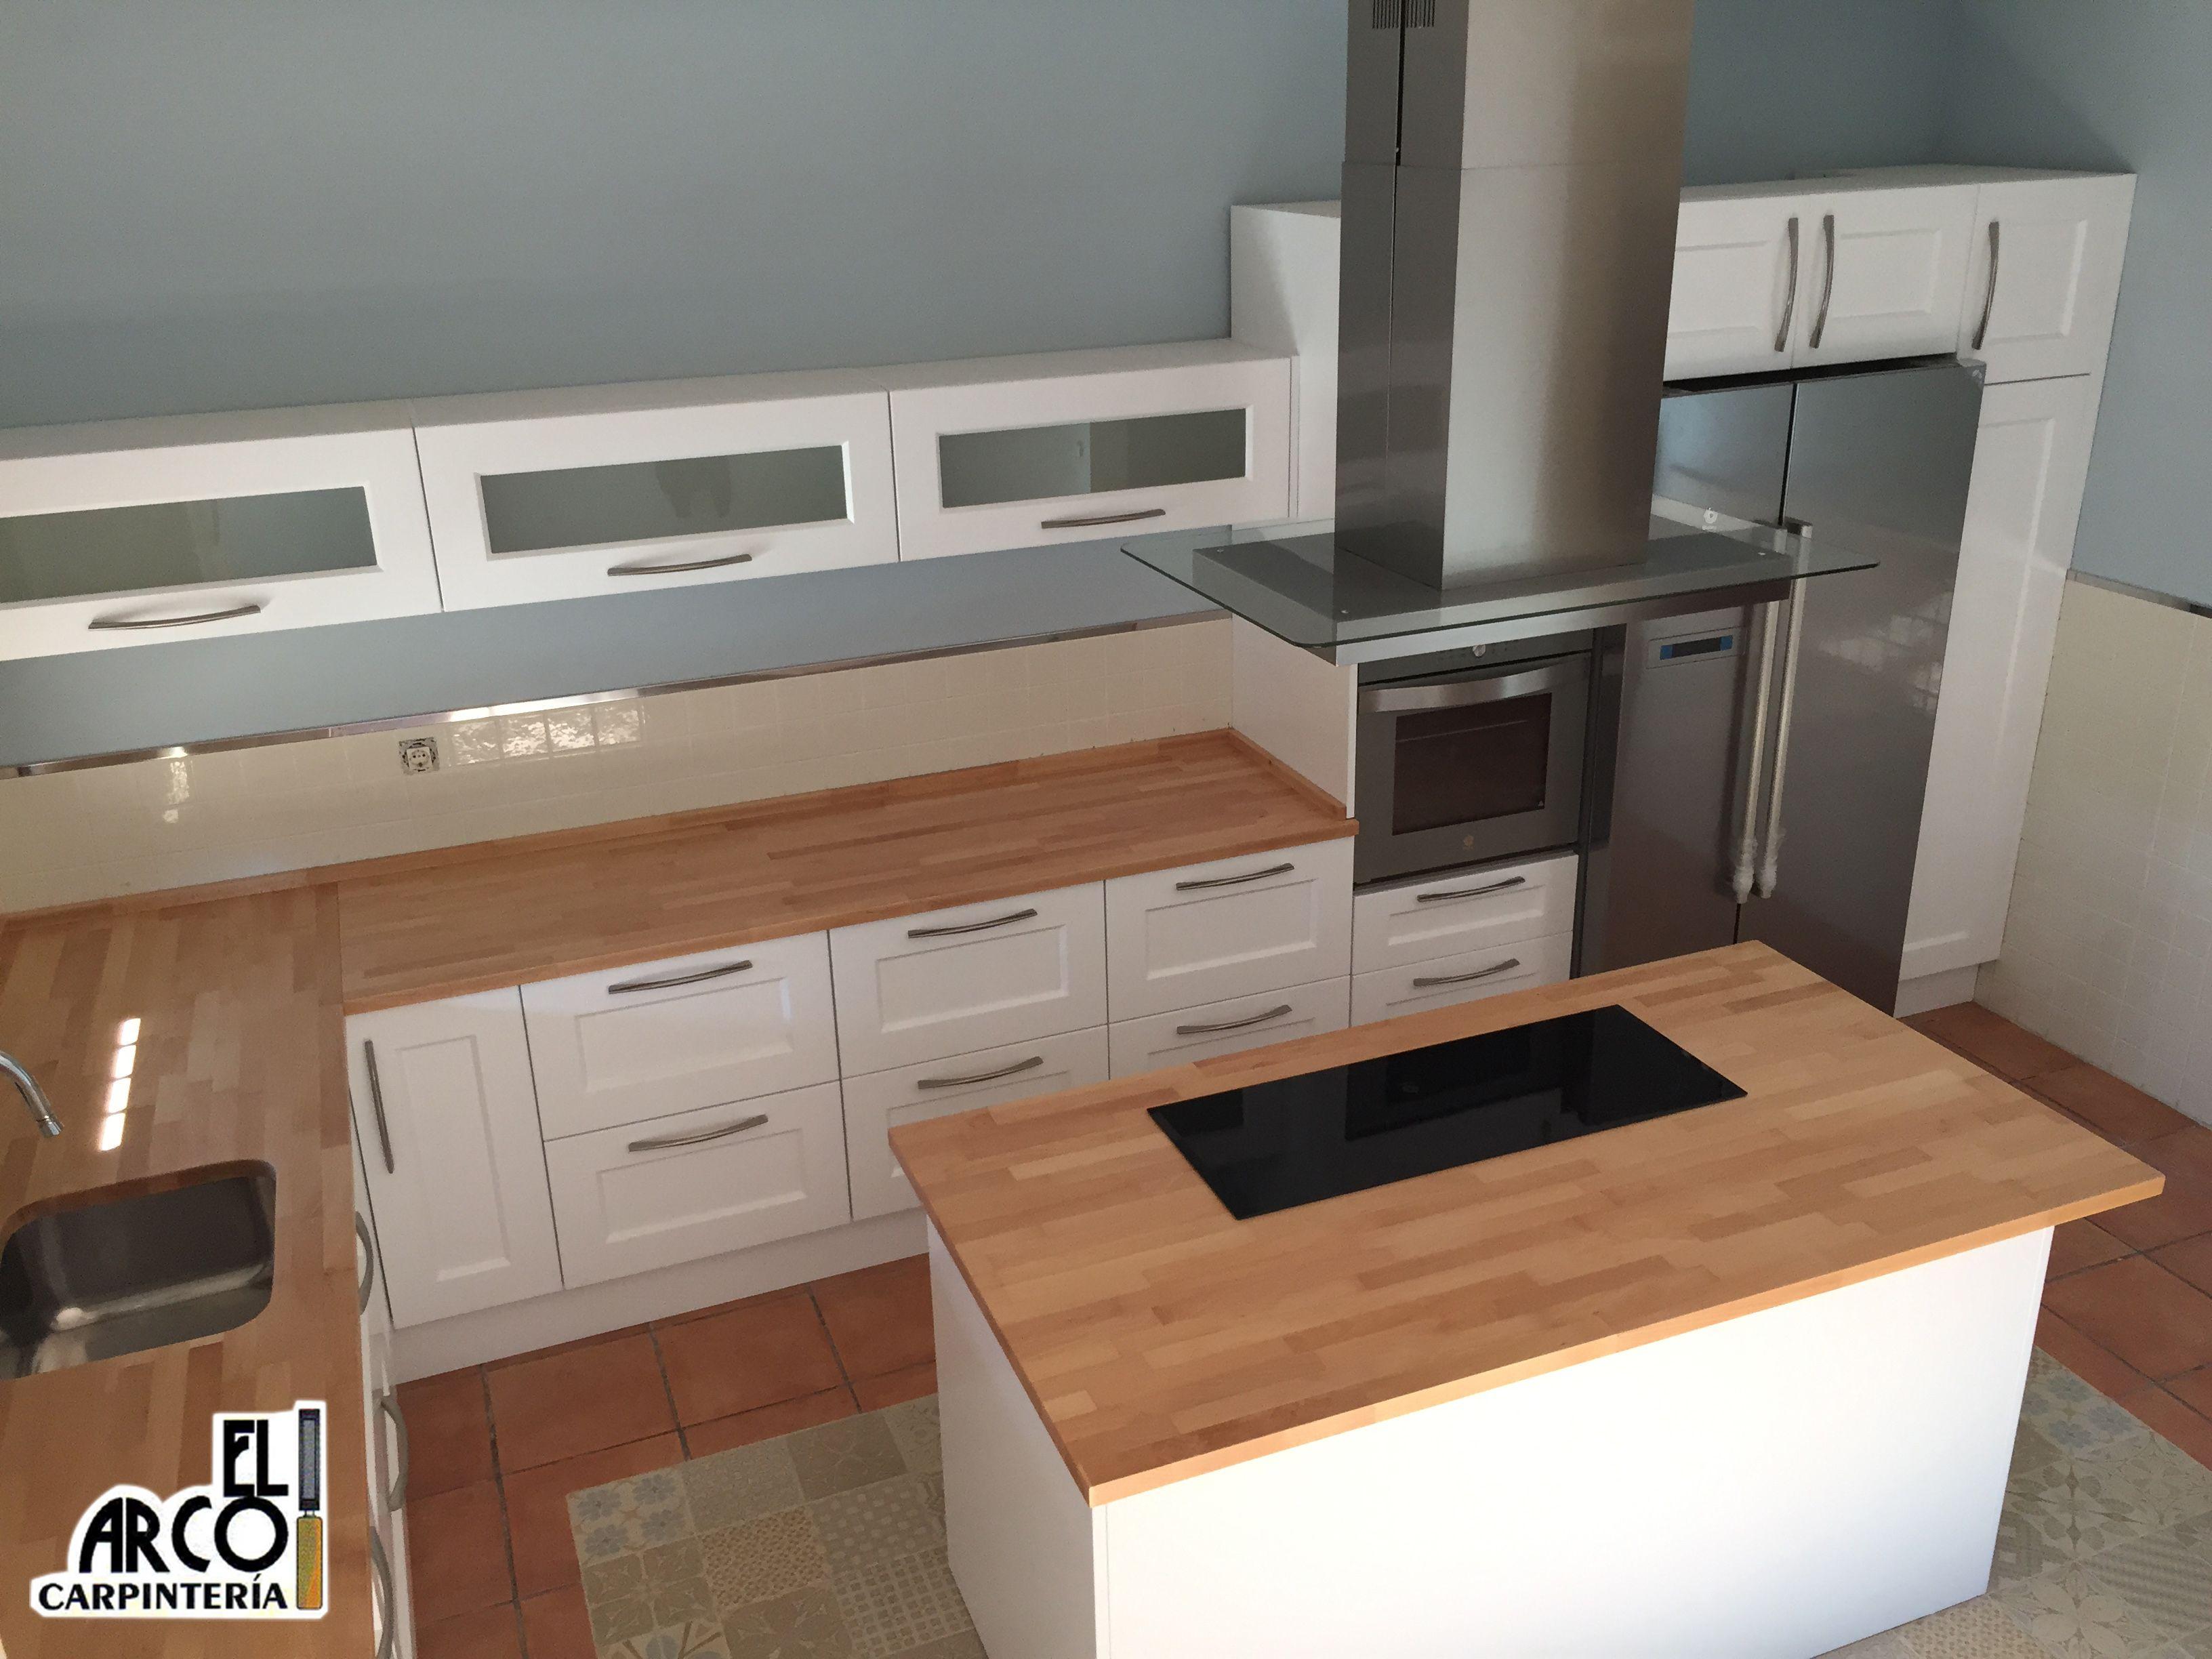 Cocina mdf lacada en color blanco en puertas y cajones for Cocinas color madera y blanco